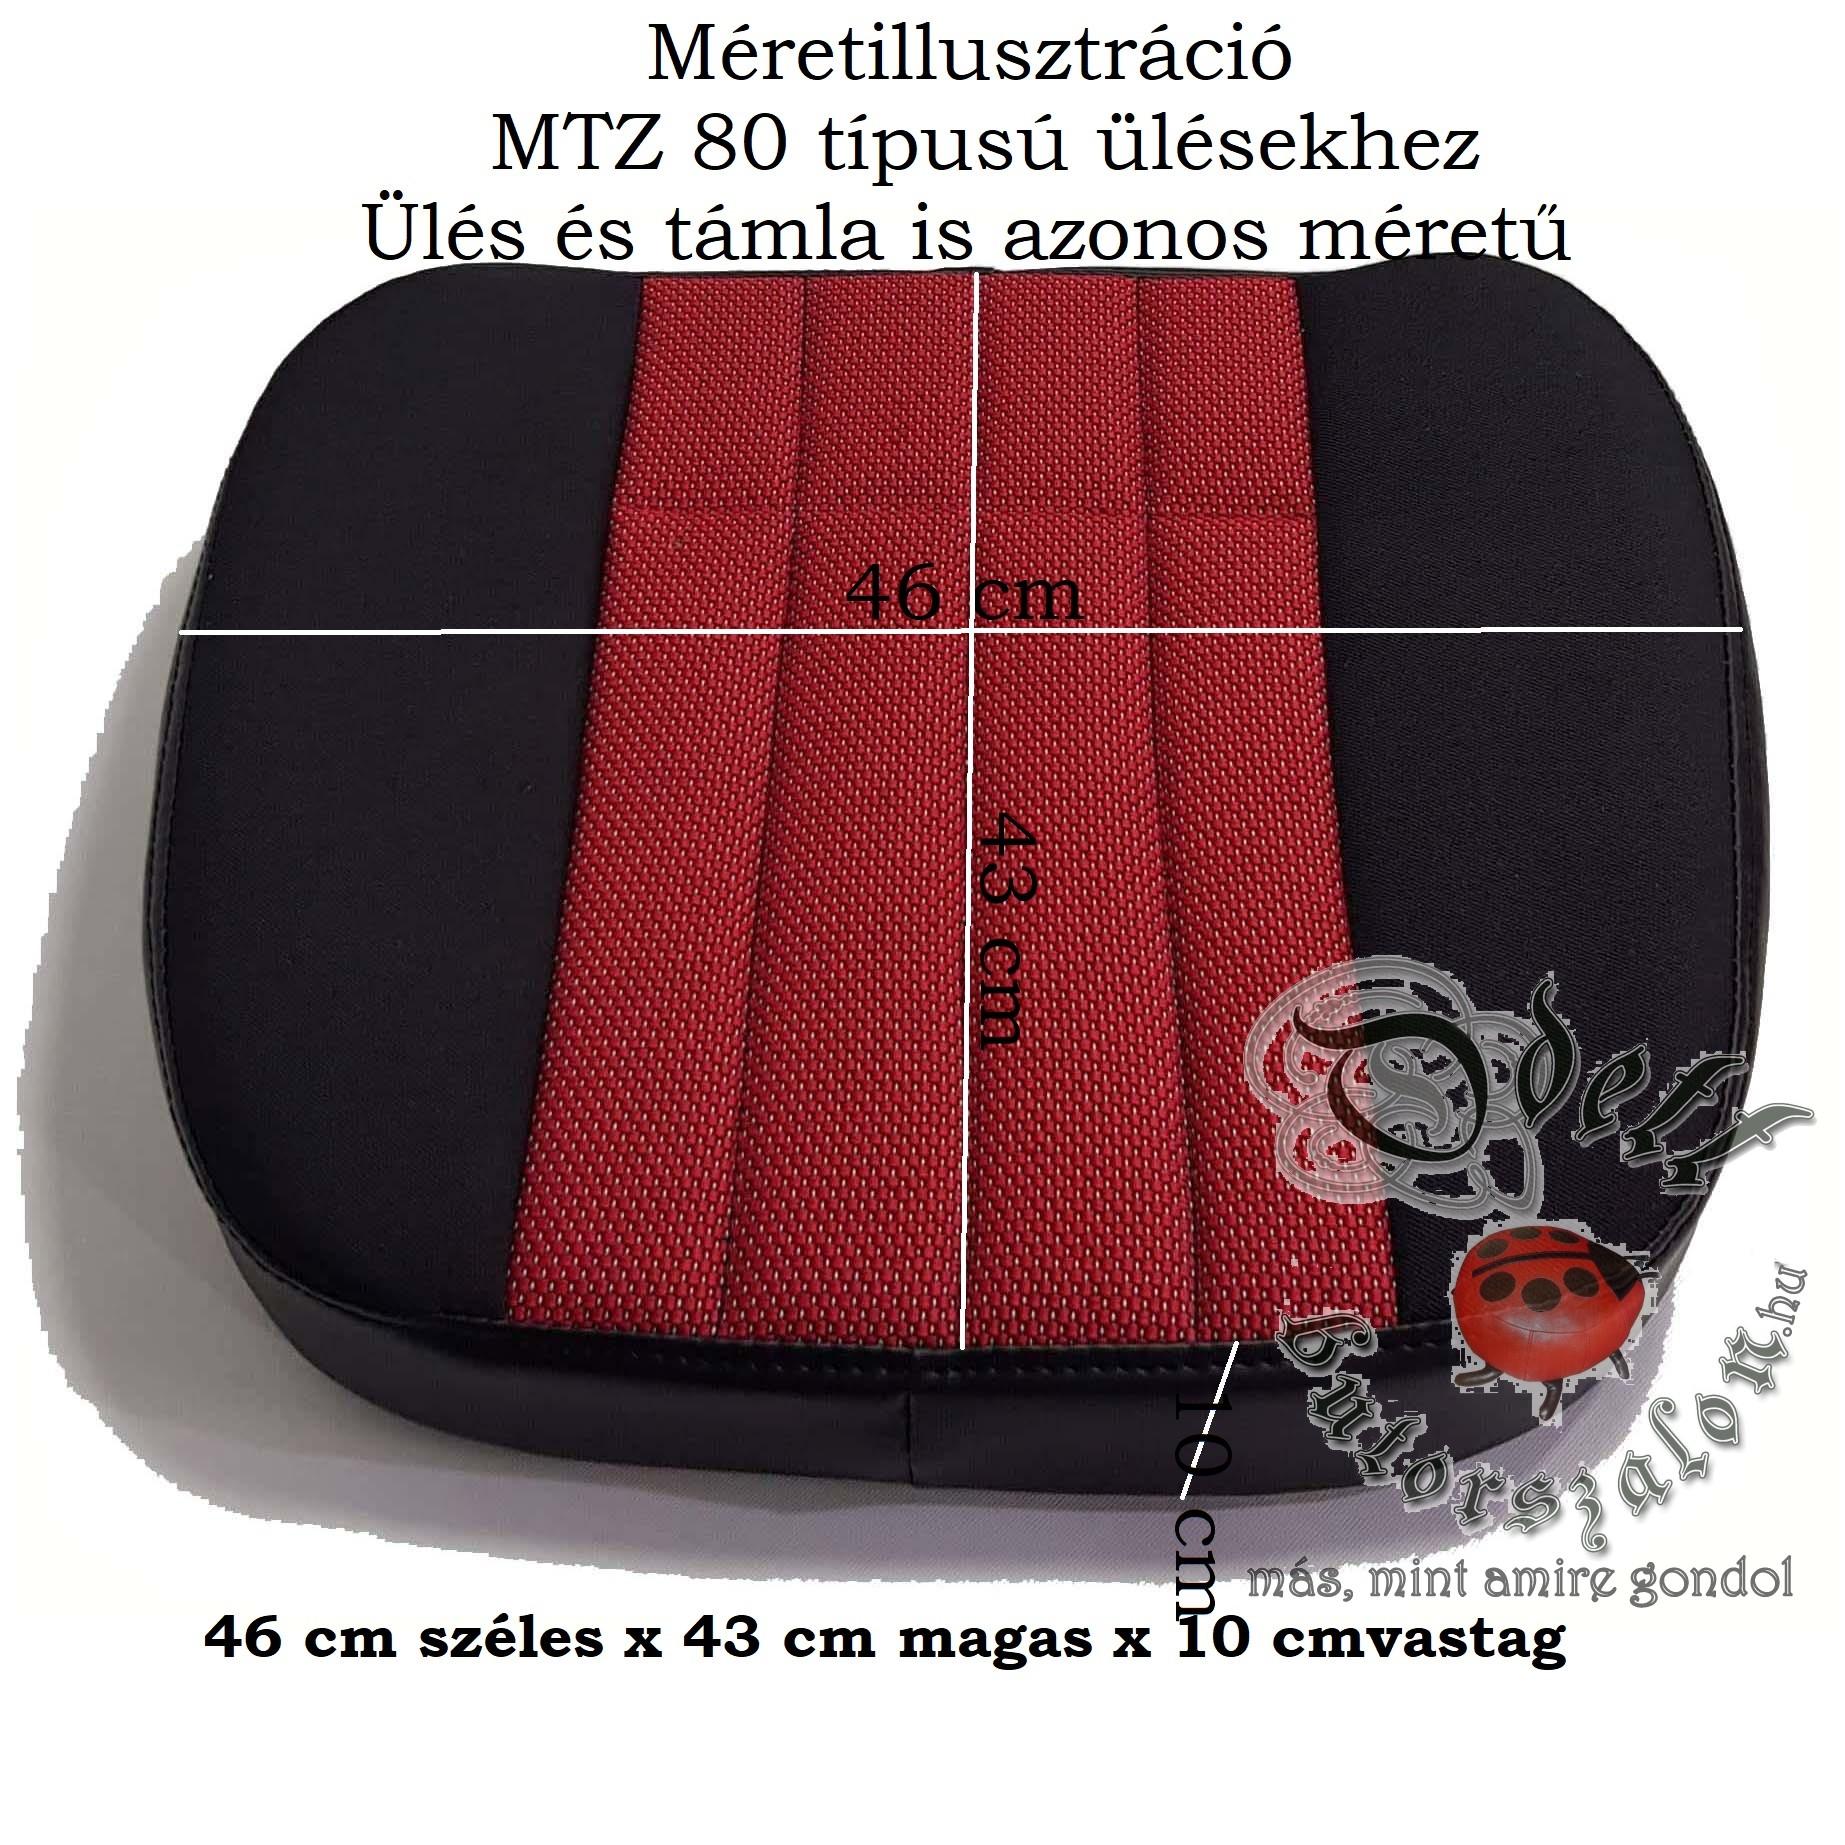 mtz 80 méretezve logo